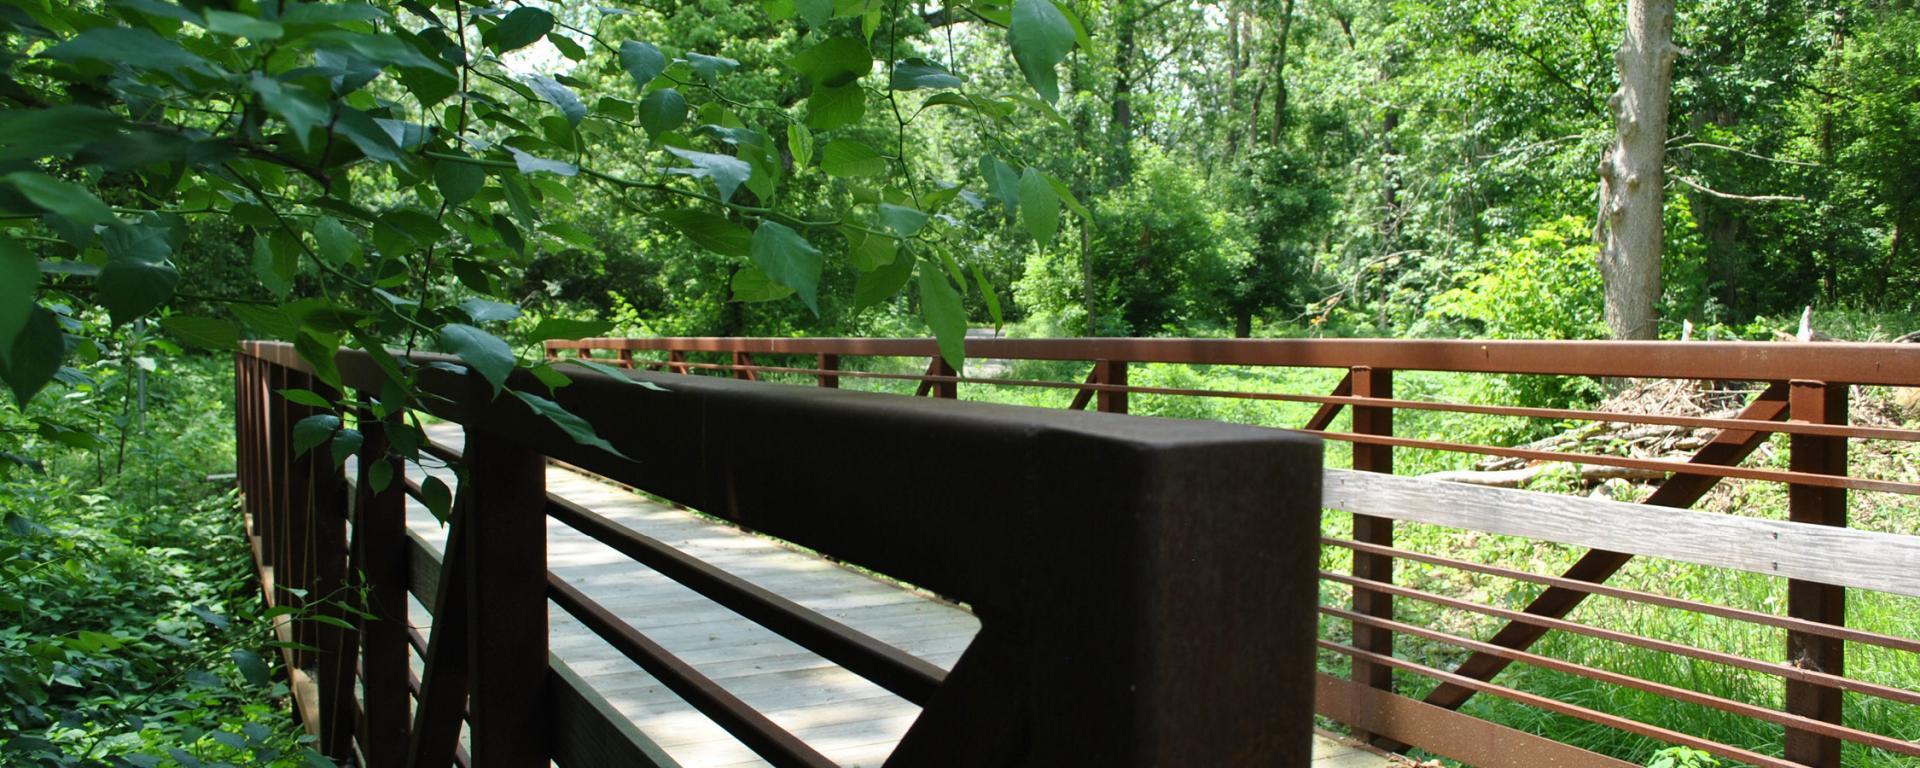 bridge along park trail